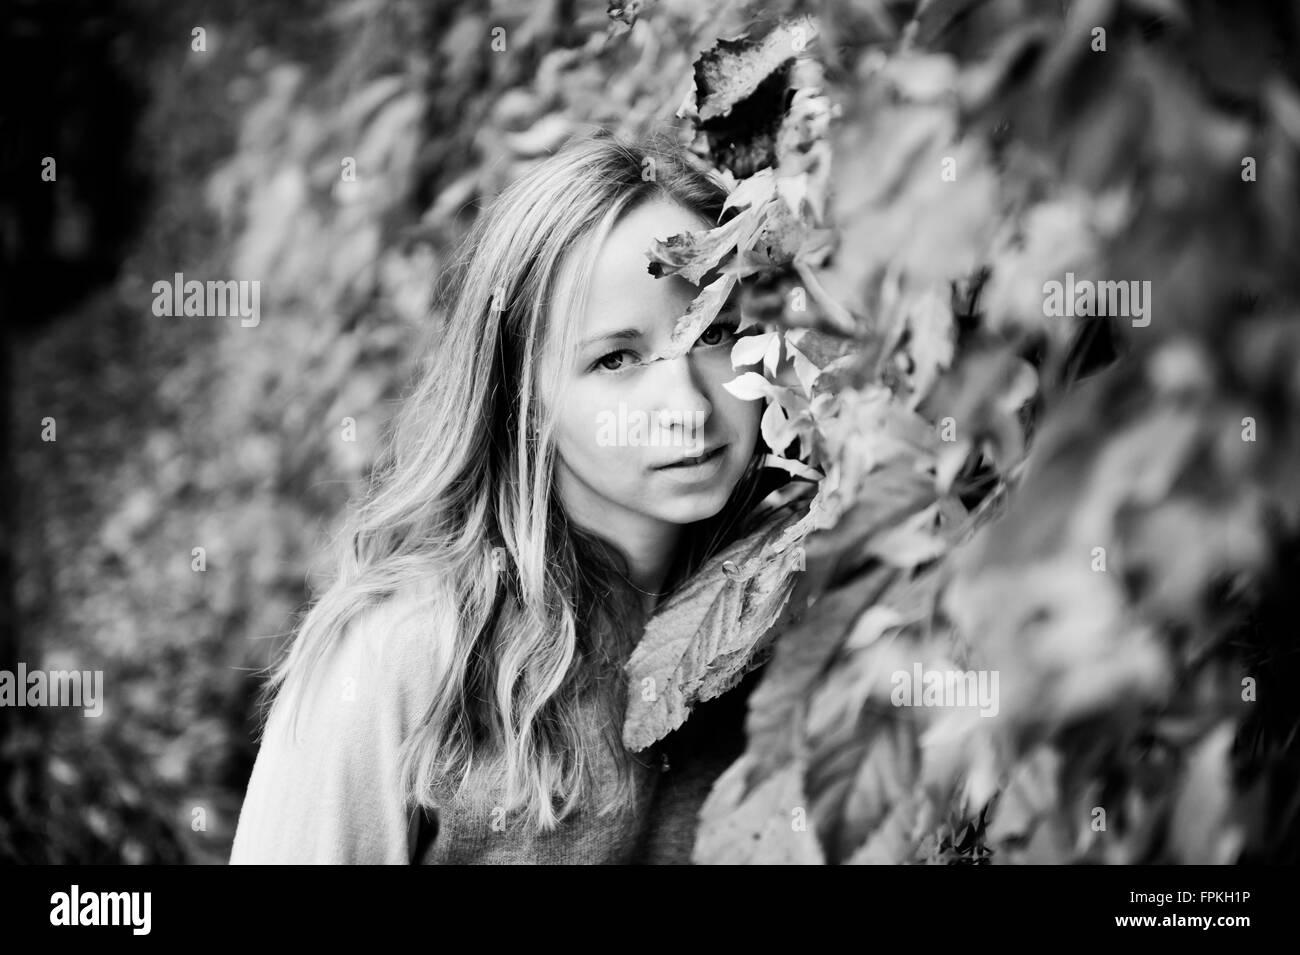 Chica que acechan a través de las hojas de otoño en blanco y negro tonation, orientación horizontal, con derechos gestionados, señor disponible. Foto de stock